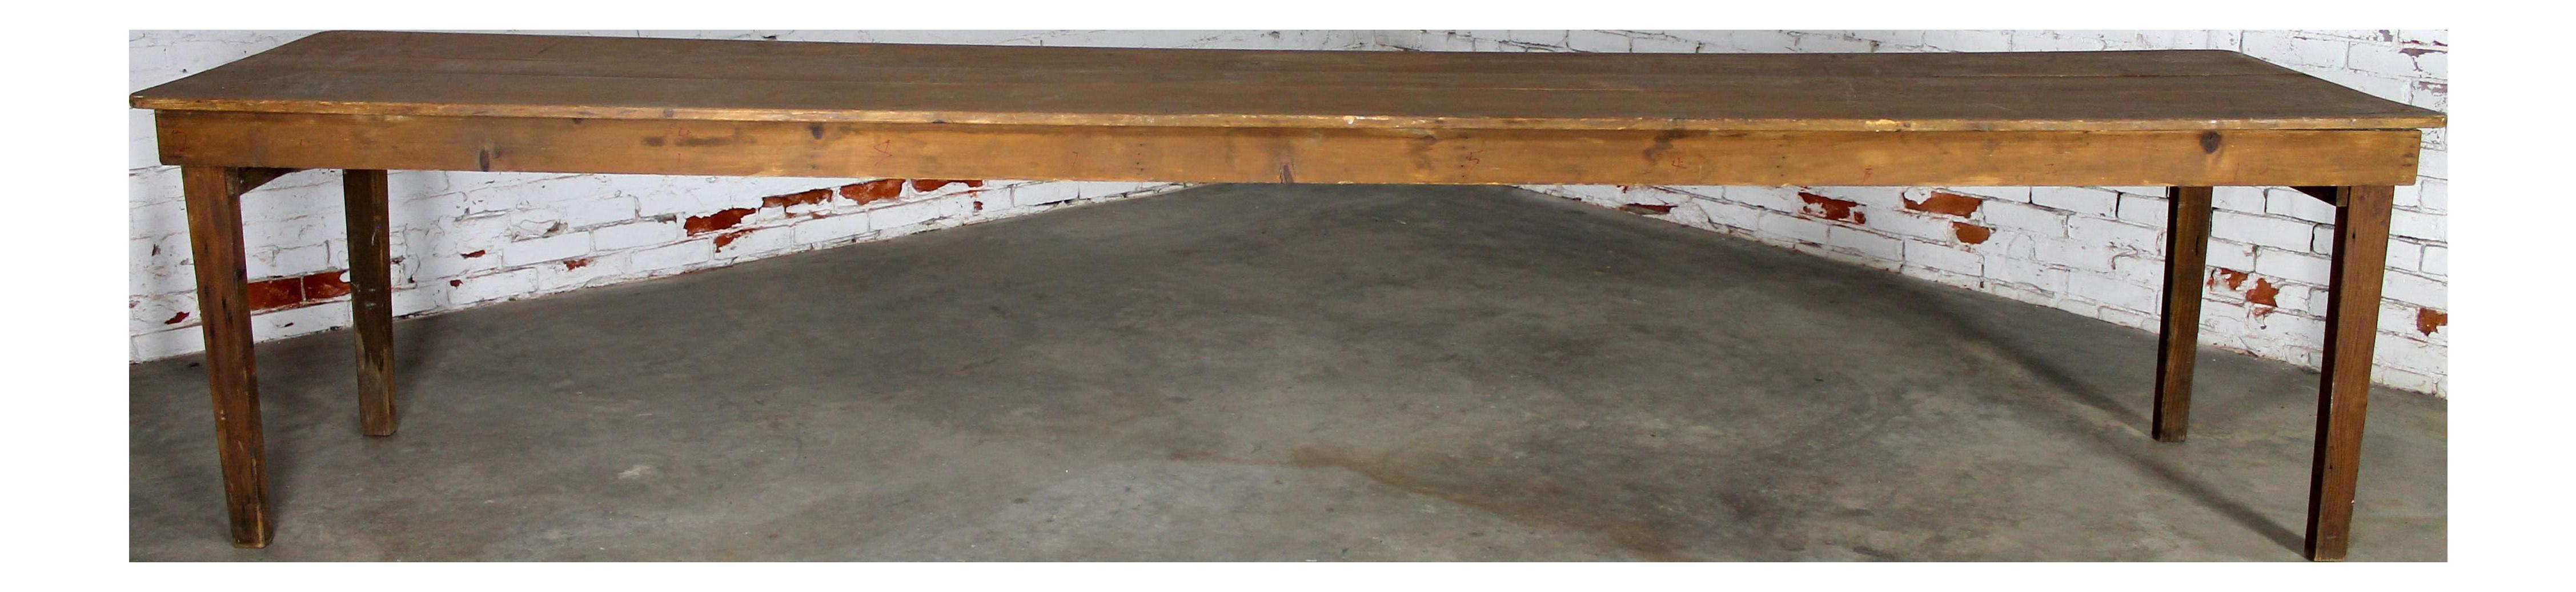 Antique Primitive Pine Harvest Table